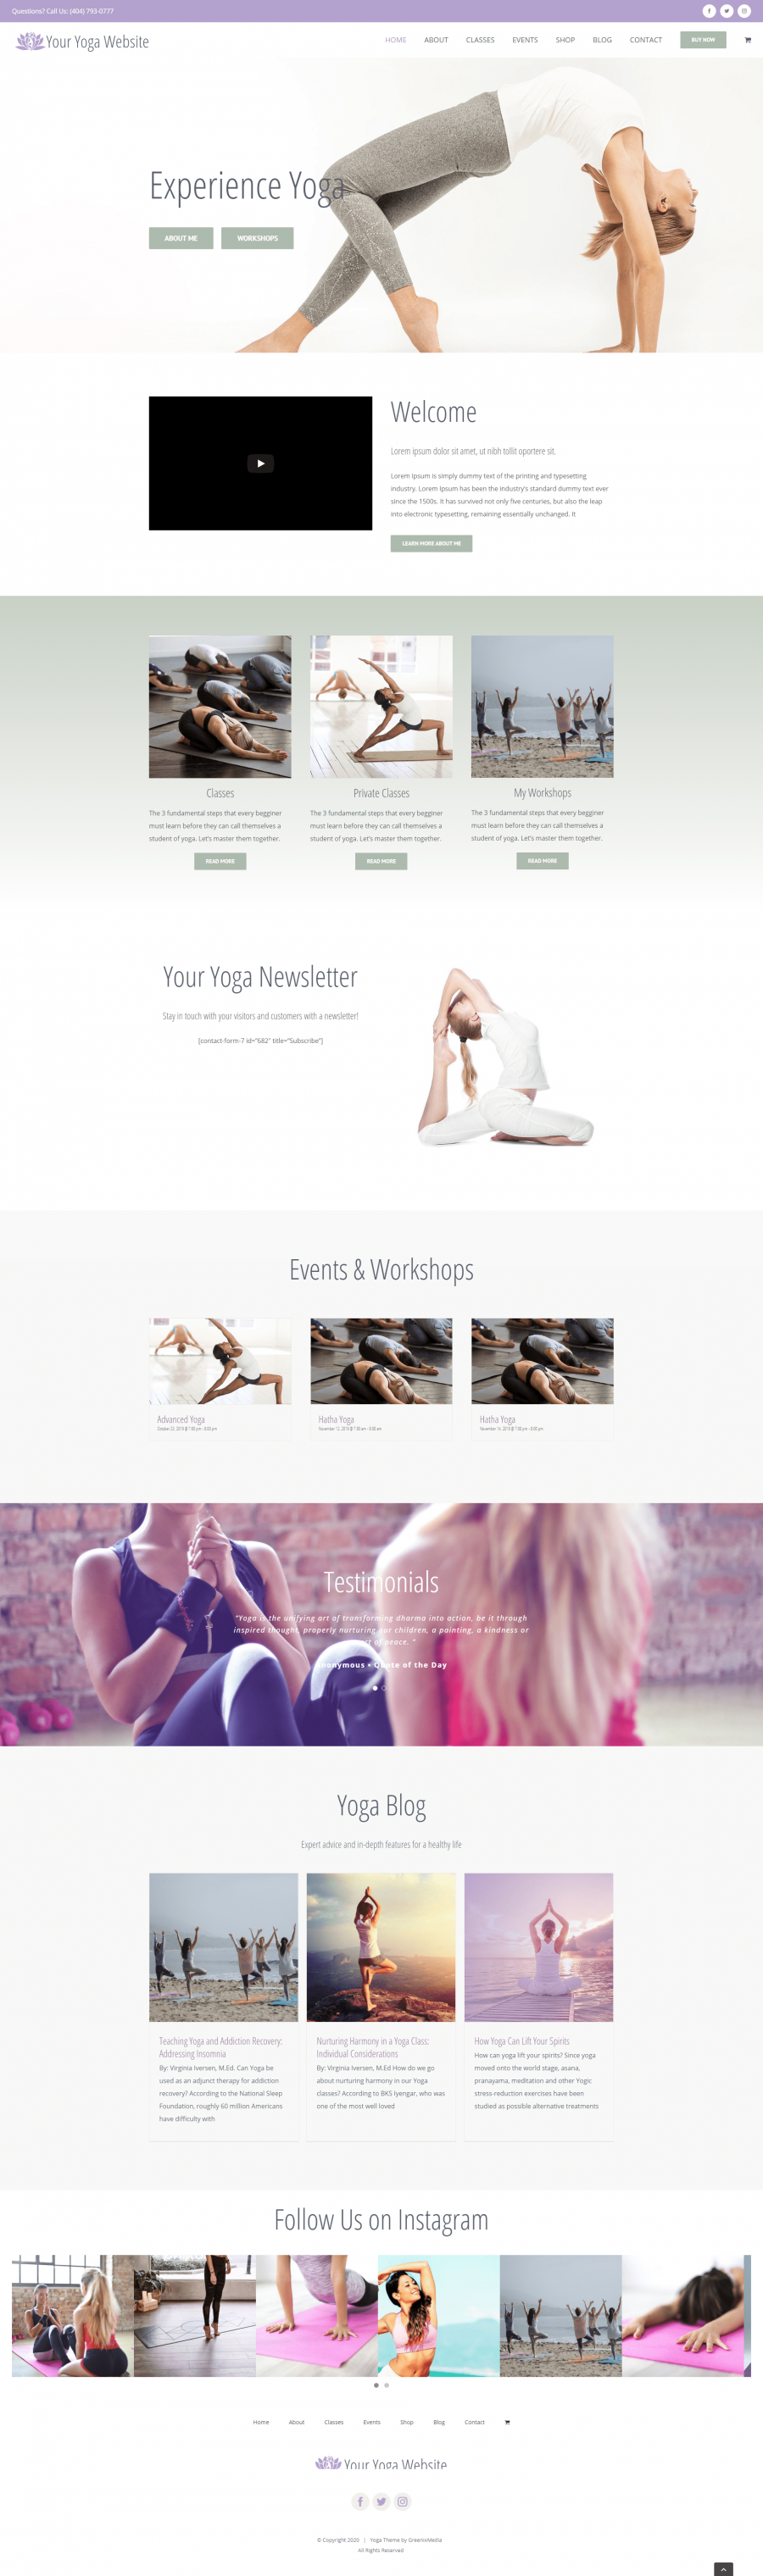 Stunning Yoga Website Design